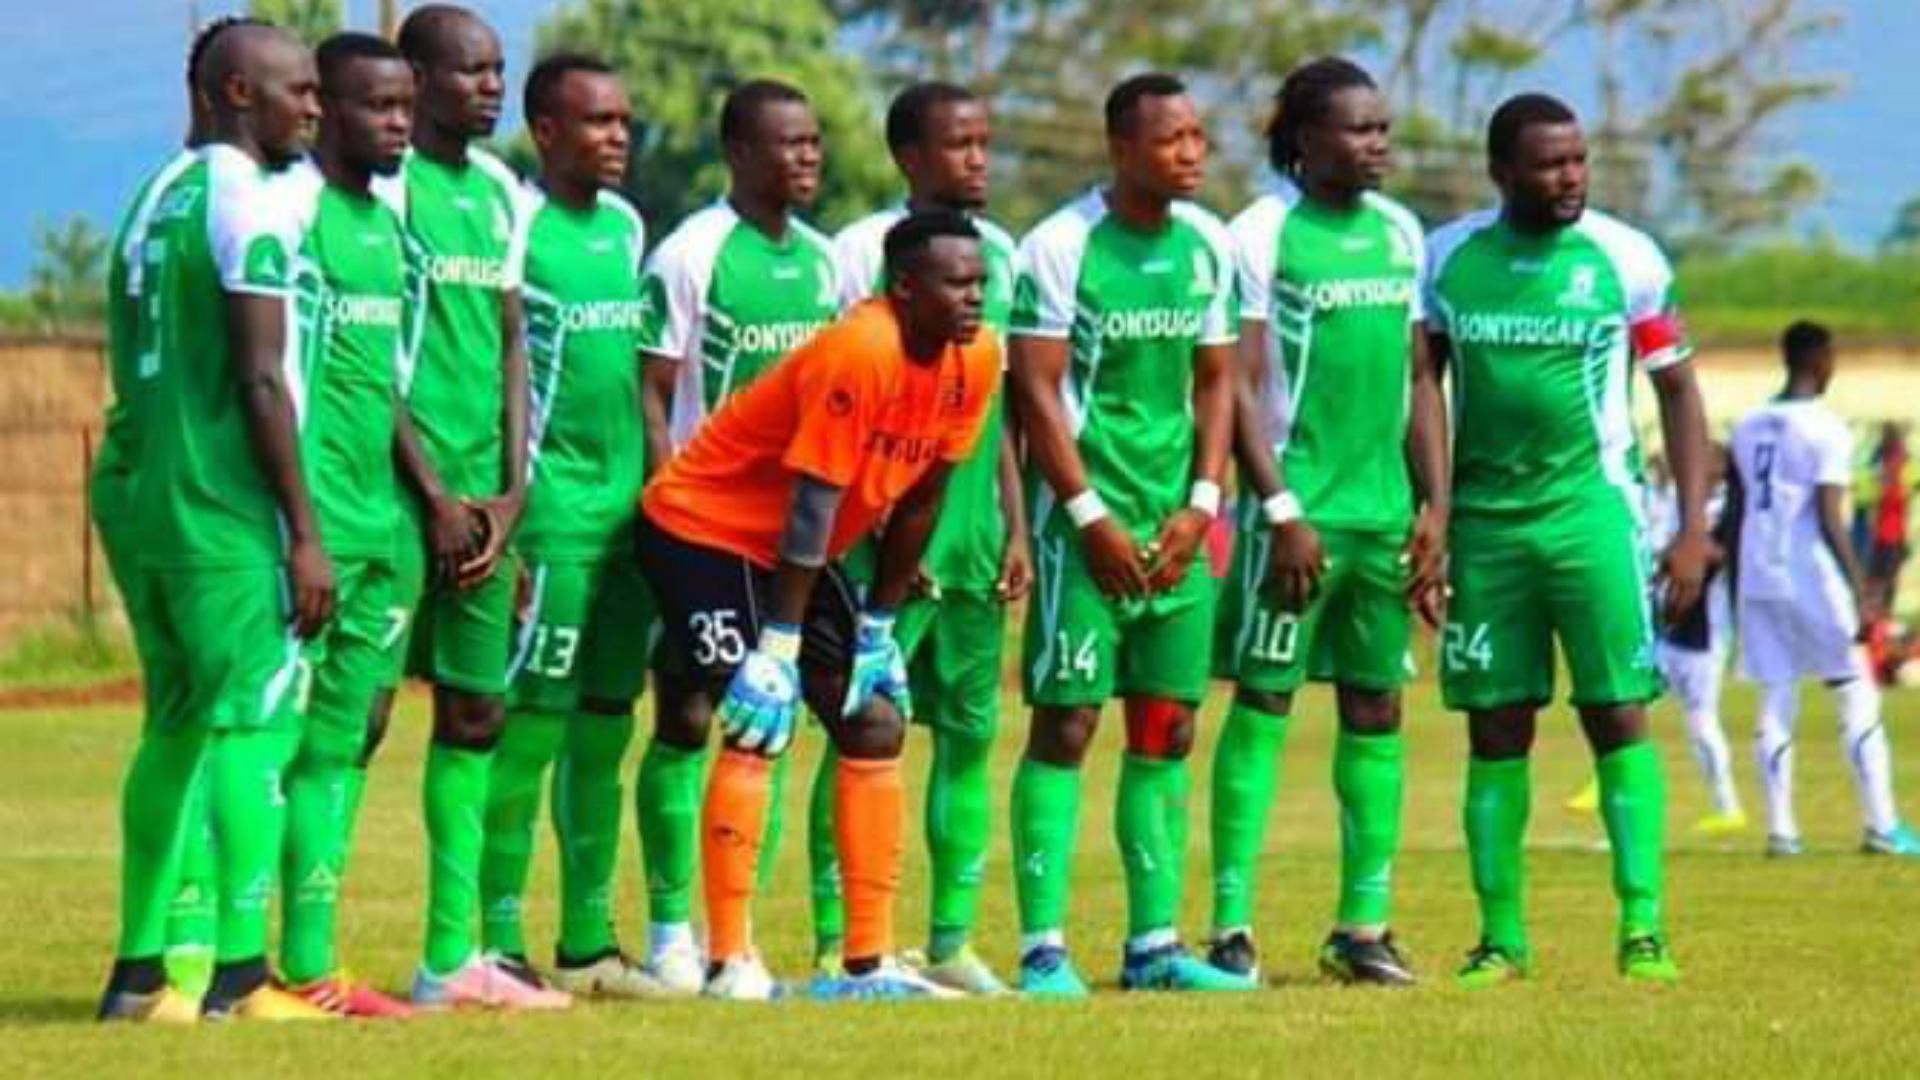 KPL Transfers: Wazito raid Sony Sugar again for keeper Kevin Omondi